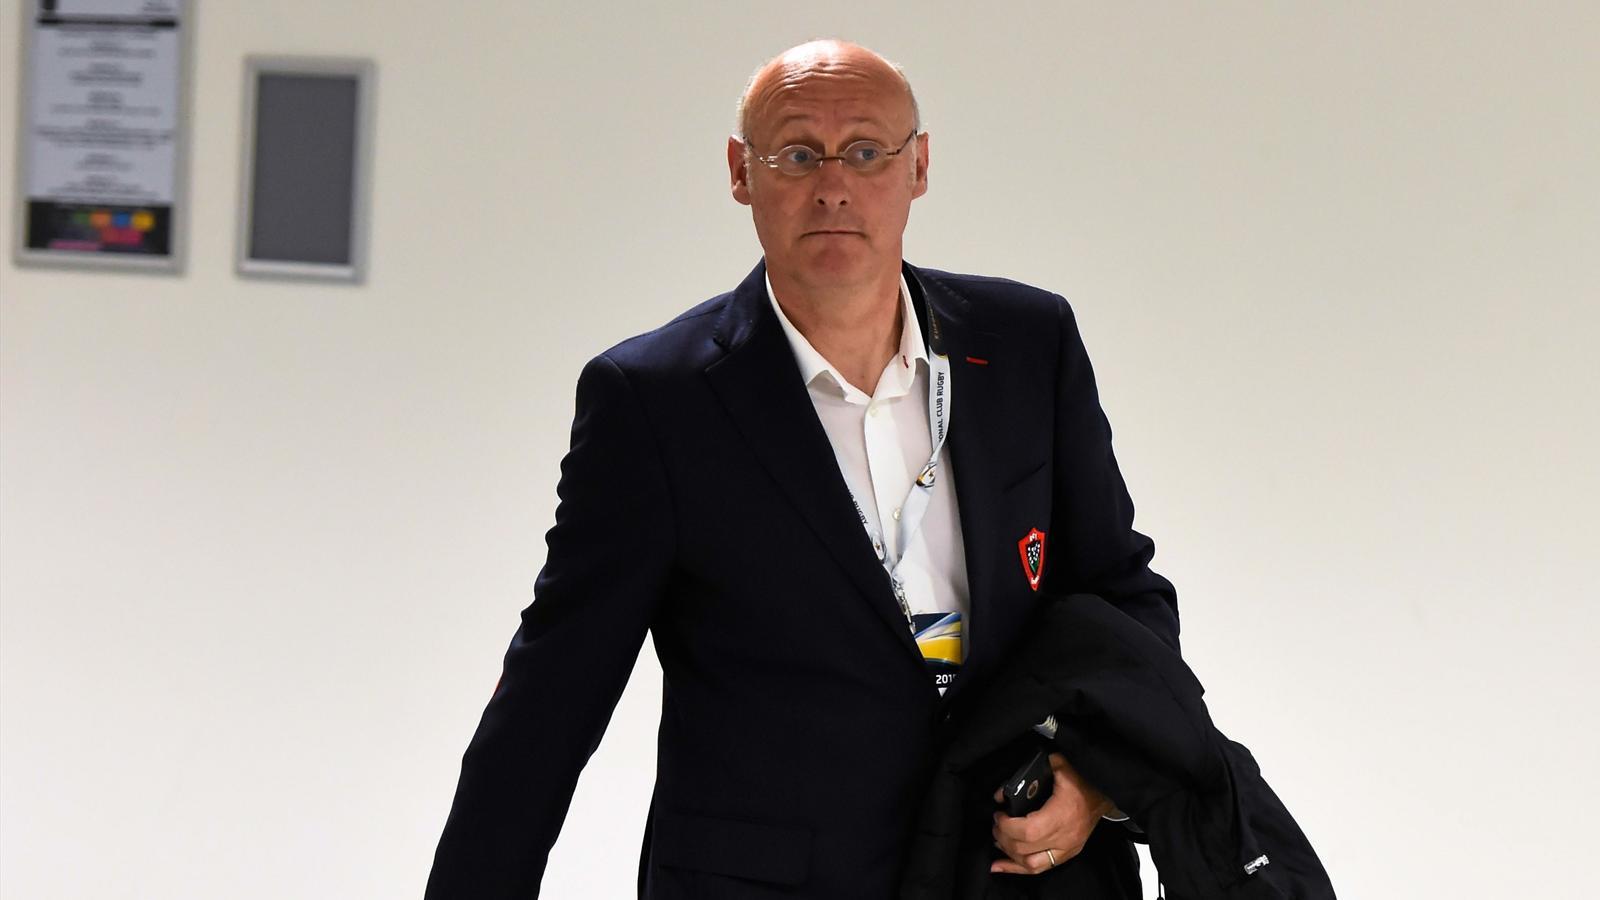 Bernard Laporte, le manager de Toulon